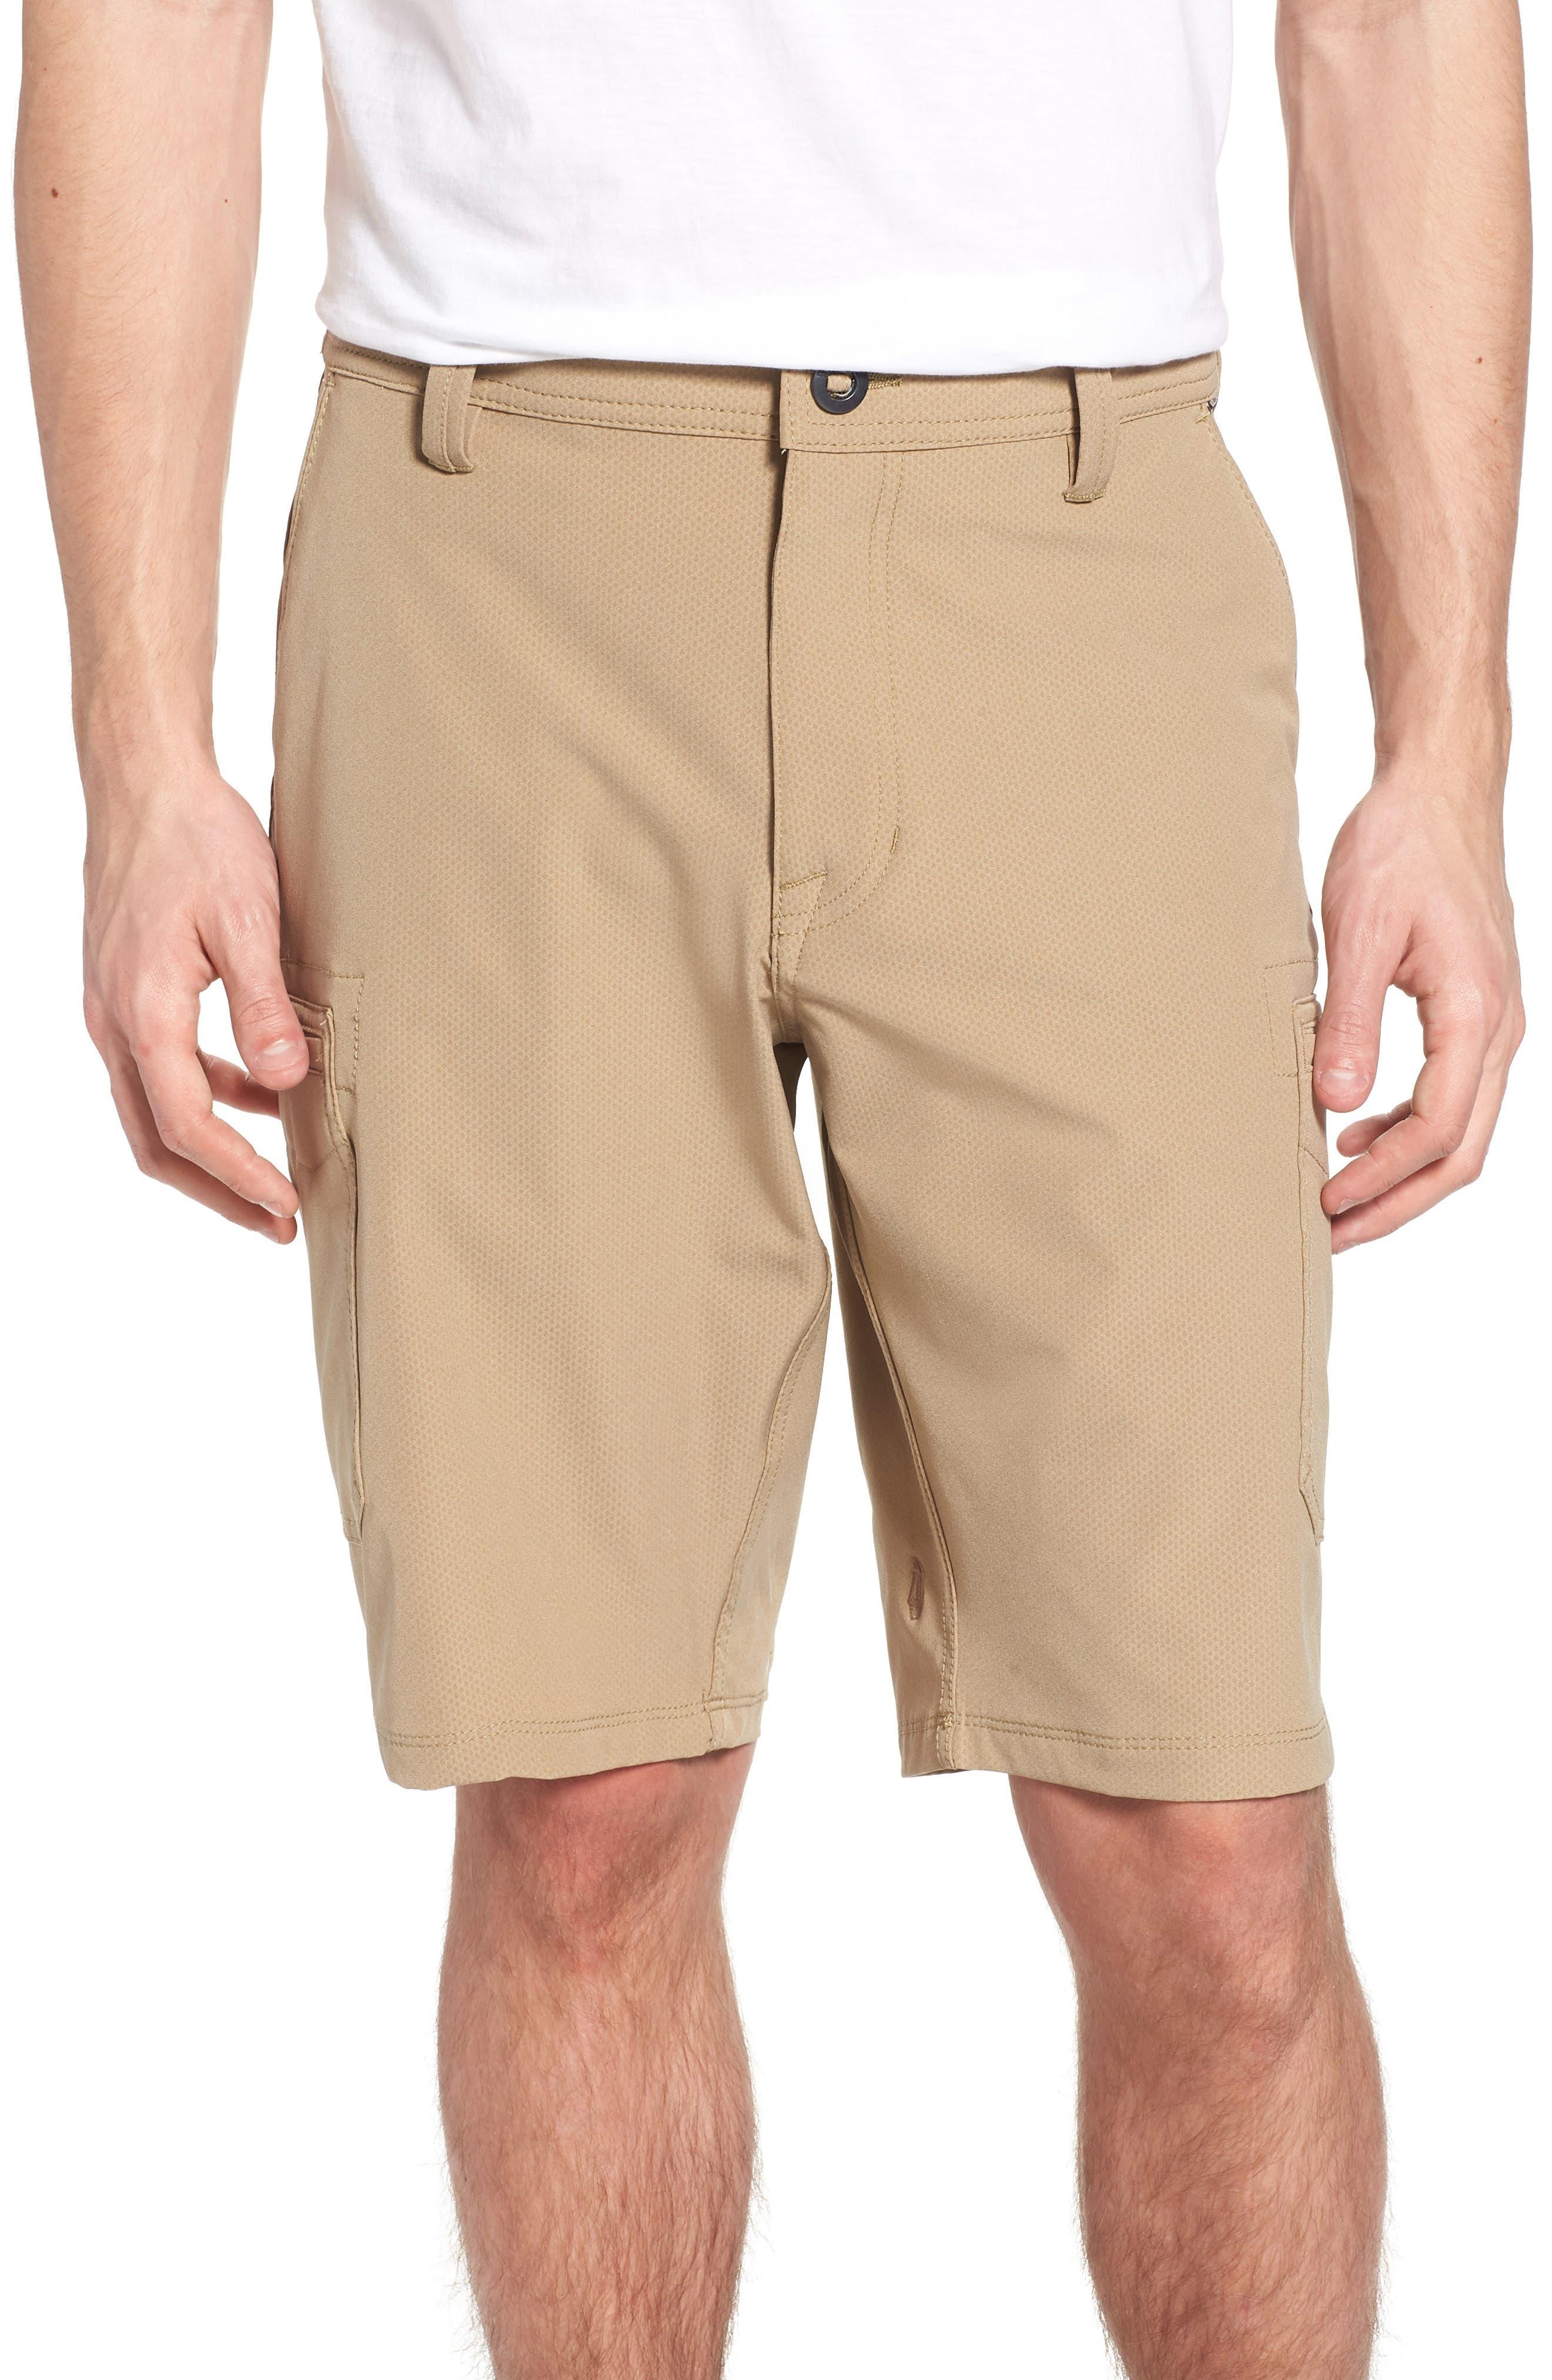 Surf N' Turf Dry Cargo Hybrid Shorts,                             Main thumbnail 1, color,                             Khaki